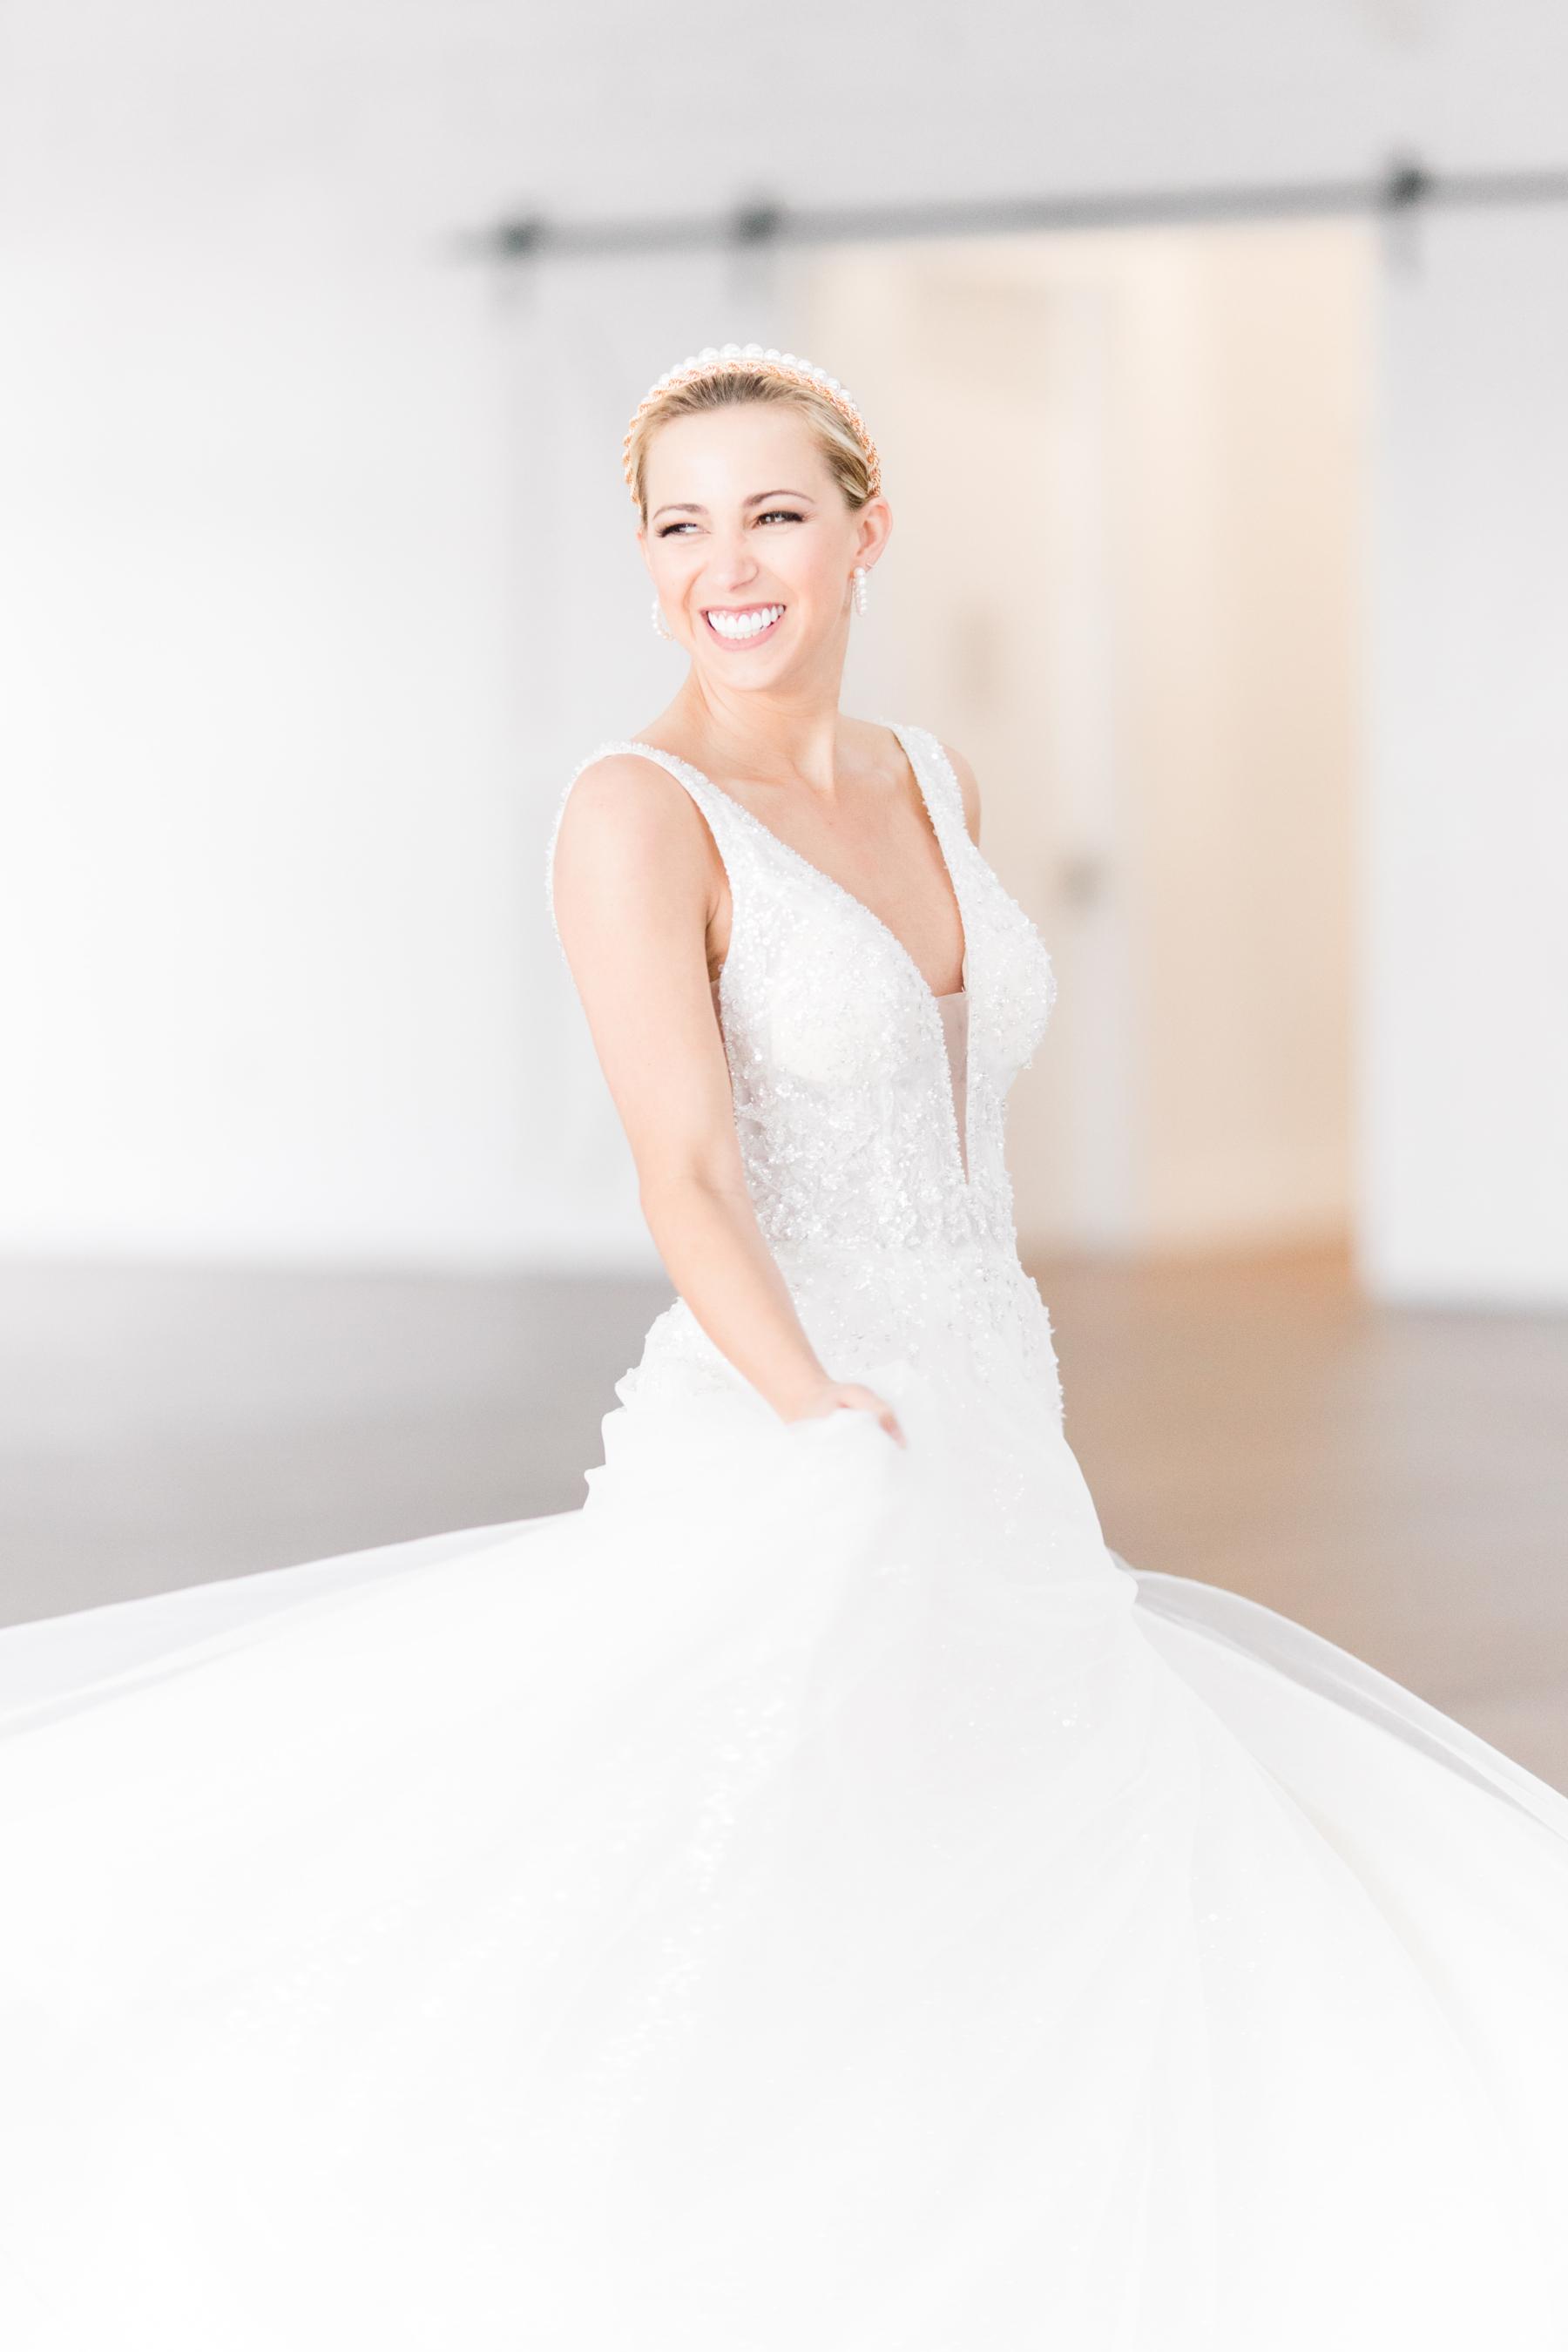 Modern Cinderella Luxury Wedding Inspiration featured on Nashville Bride Guide